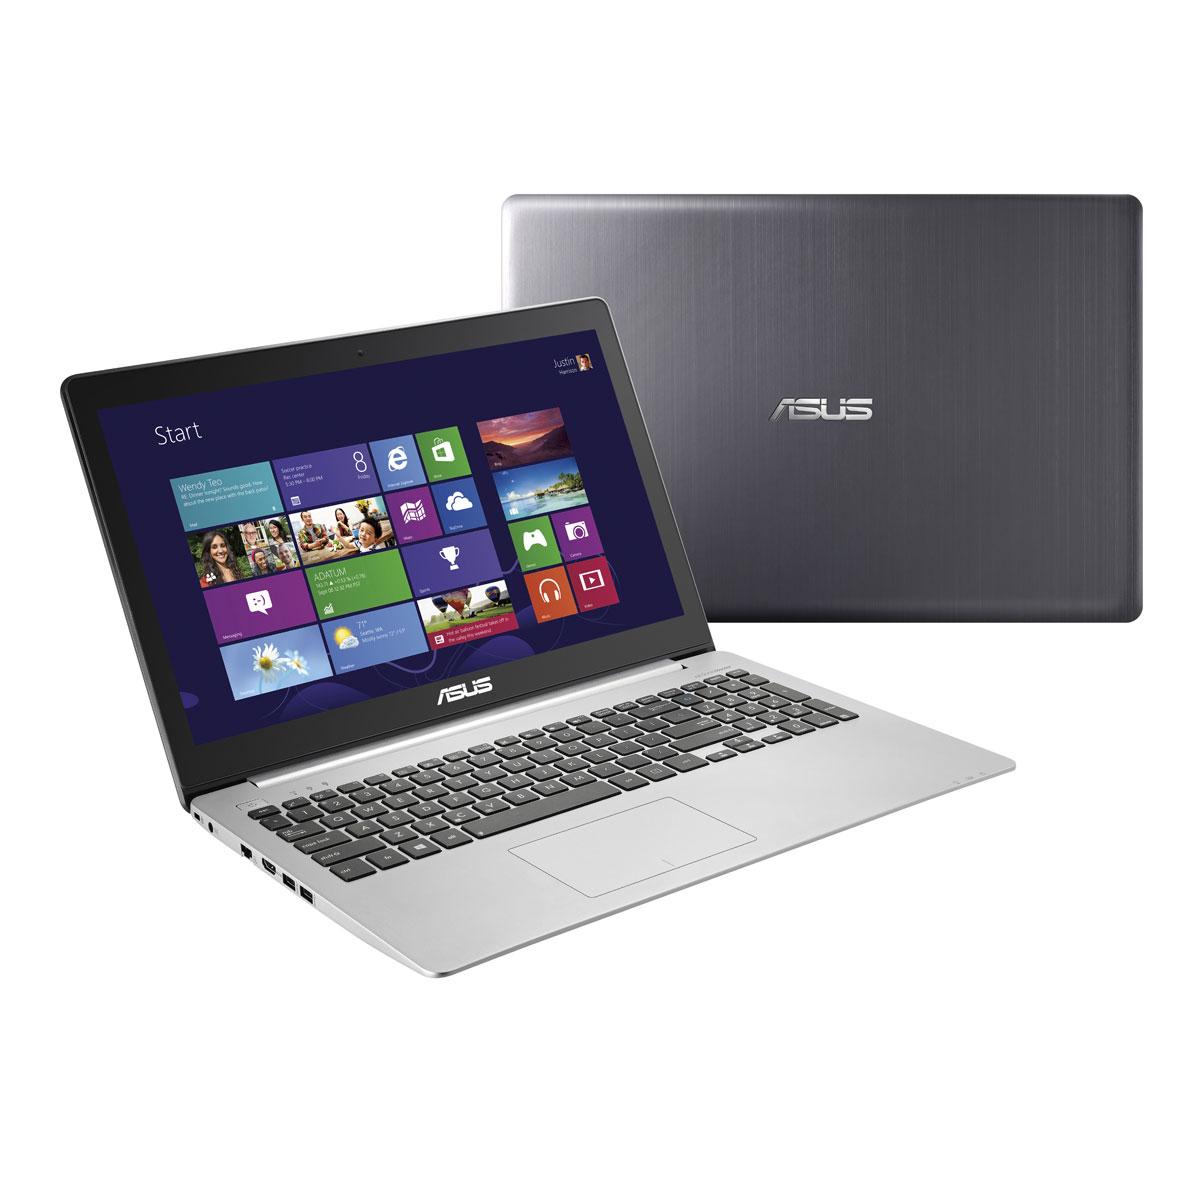 """PC portable ASUS K551LB-XX268H Intel Core i5-4200U 6 Go 1 To 15.6"""" LED NVIDIA GeForce GT 740M Graveur DVD Wi-Fi N Webcam Windows 8 64 bits (Garantie constructeur 1 an)"""